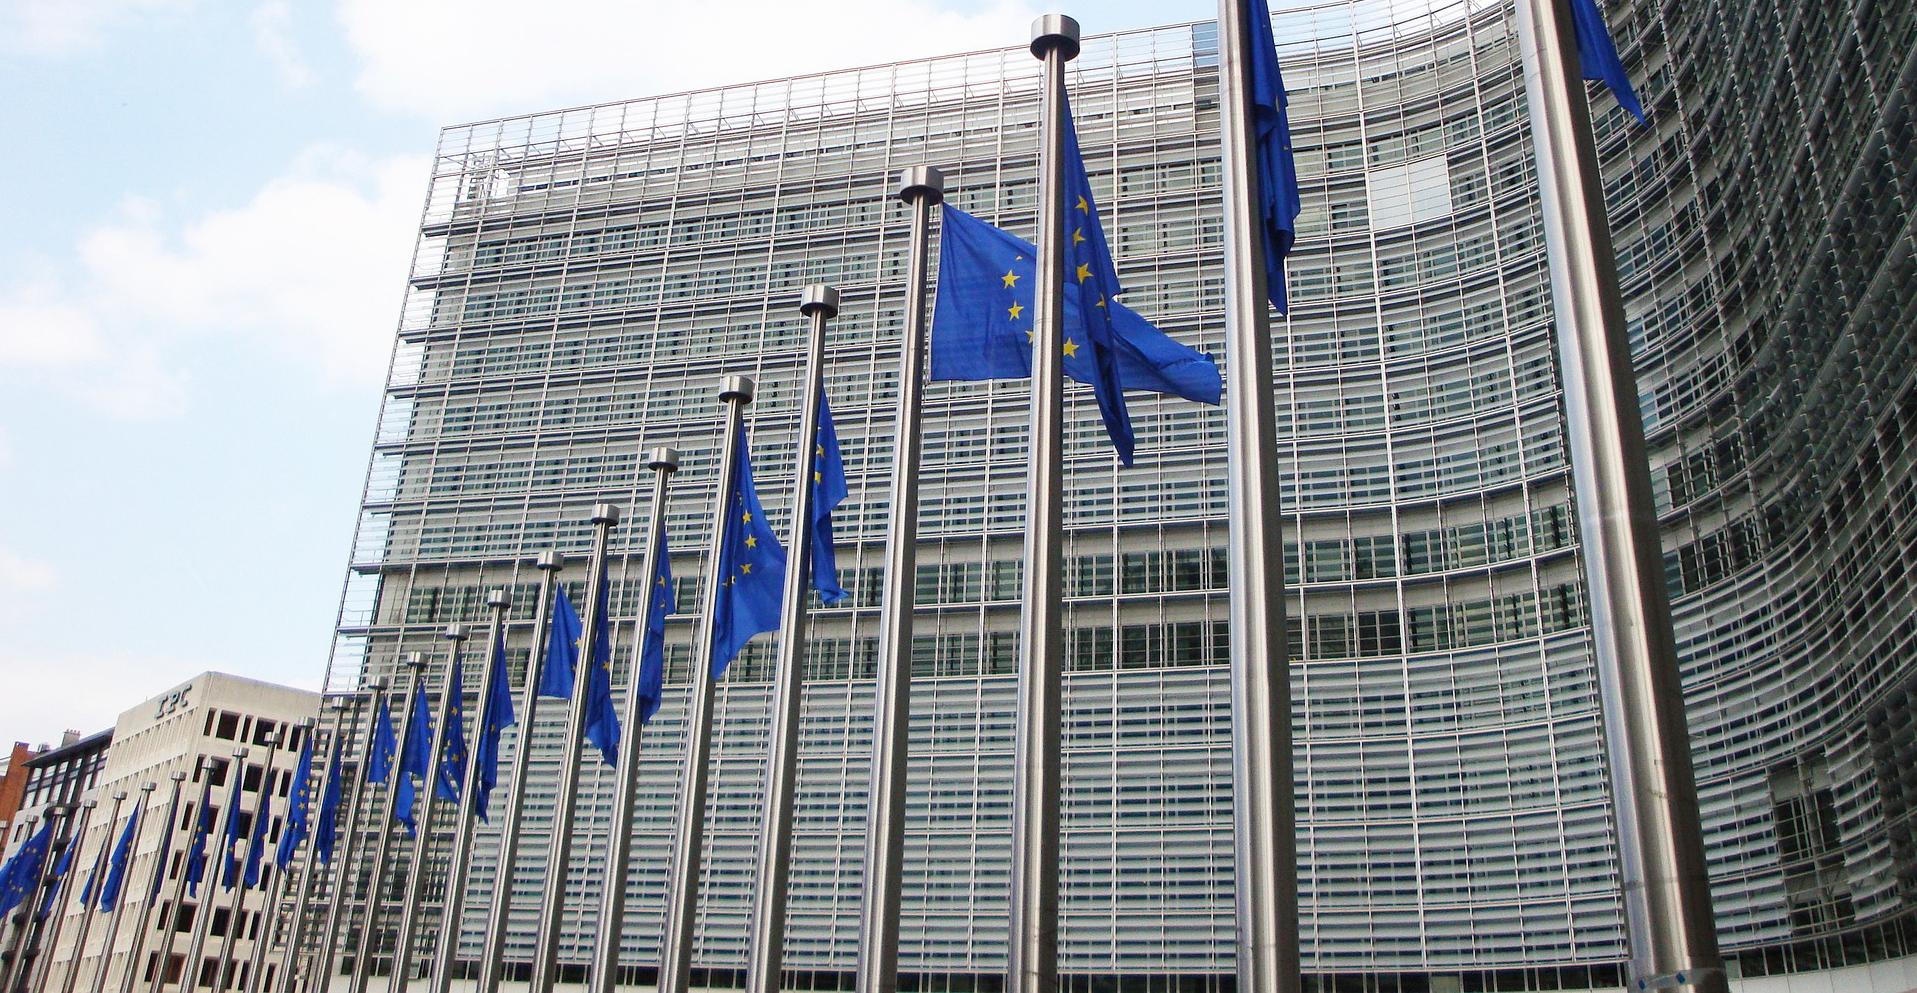 España y Portugal en la Unión Europea: un balance de 30 años de integración